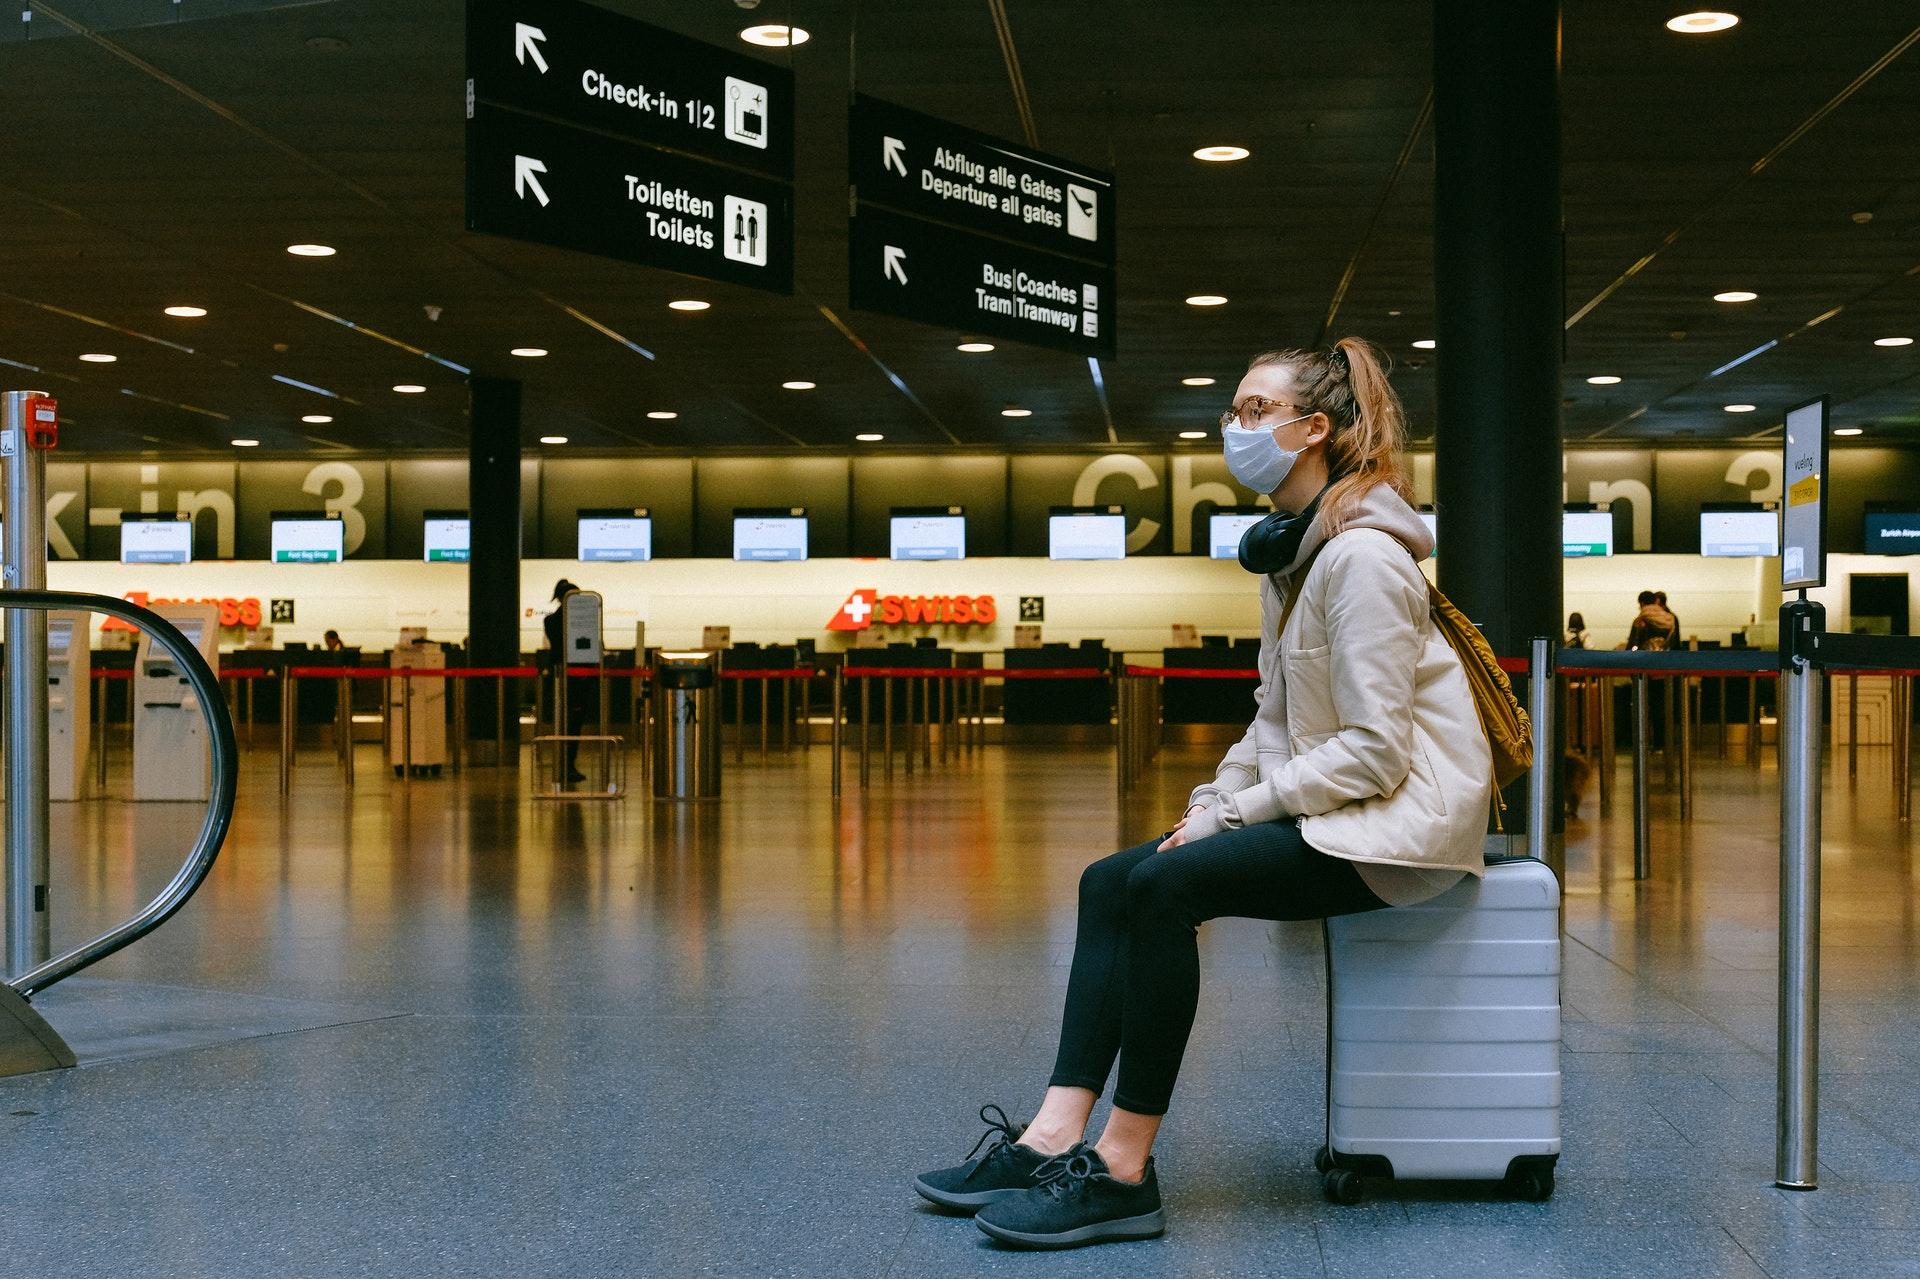 Si te mueves en avión, usa una mascarilla cómoda para viajar seguro con el coronavirus.